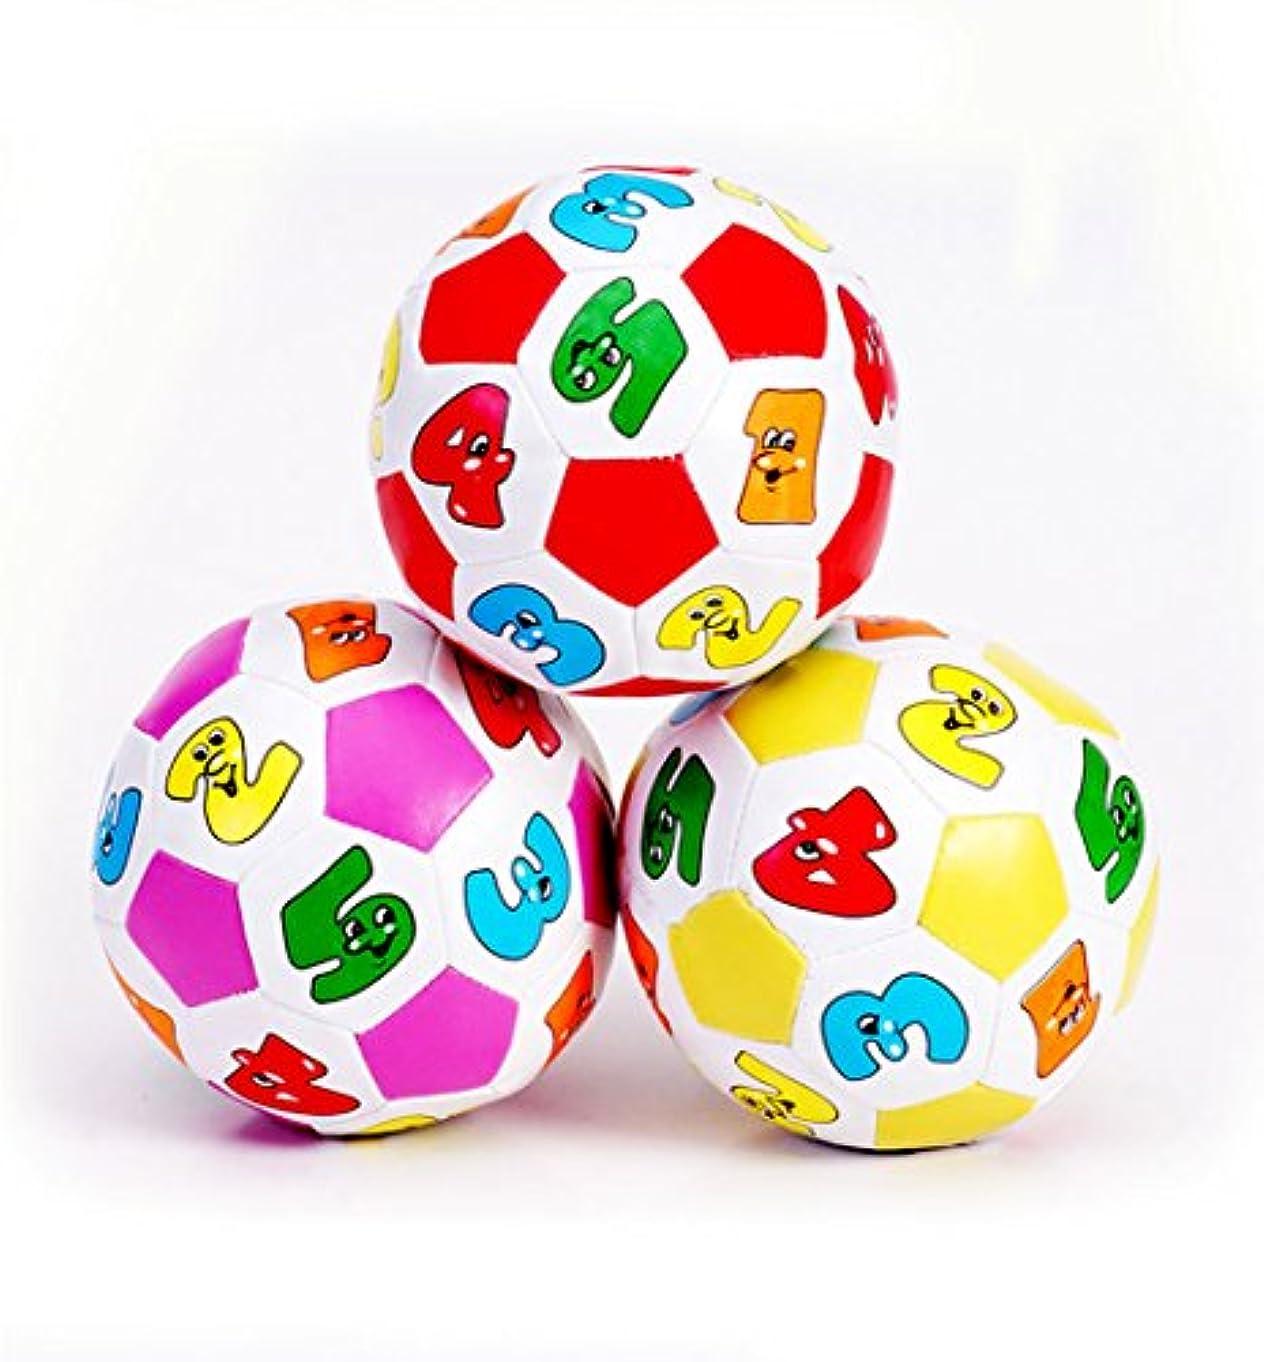 観客ピストルシアーキュートなベビーボールトイwithデジタル教育、スポーツサッカーボールwith aベルサウンドfor Kids子供早期教育とパズル小さなおもちゃ